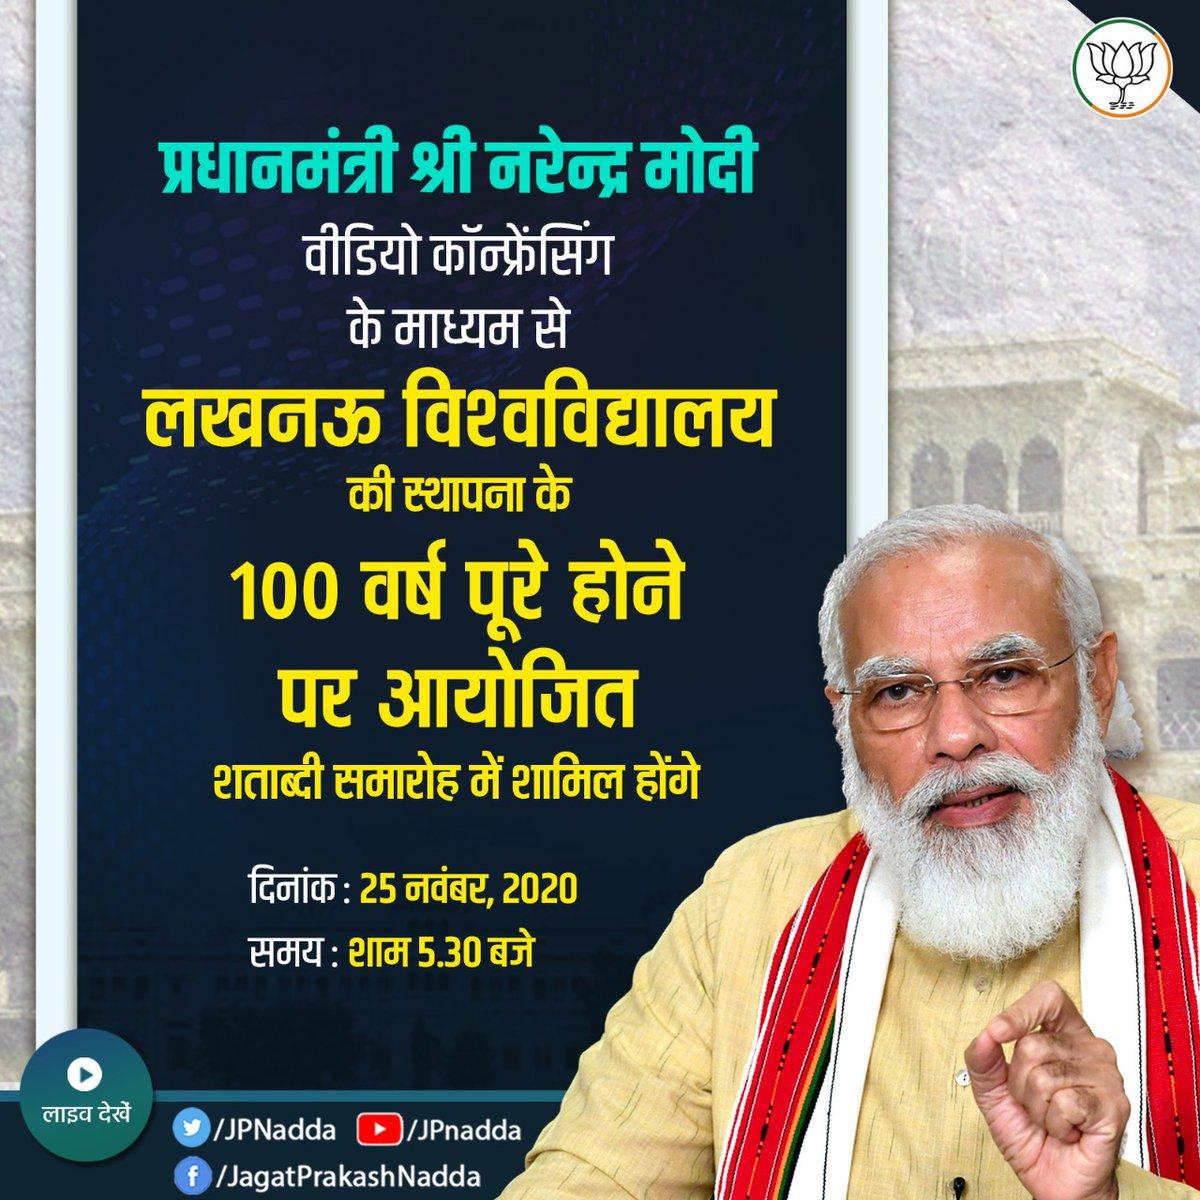 आदरणीय प्रधानमंत्री श्री @narendramodi जी कल शाम 5:30 बजे वीडियो कॉन्फ्रेंसिंग के माध्यम से लखनऊ विश्वविद्यालय की स्थापना के 100 वर्ष पूरे होने पर आयोजित शताब्दी समारोह में शामिल होंगे।